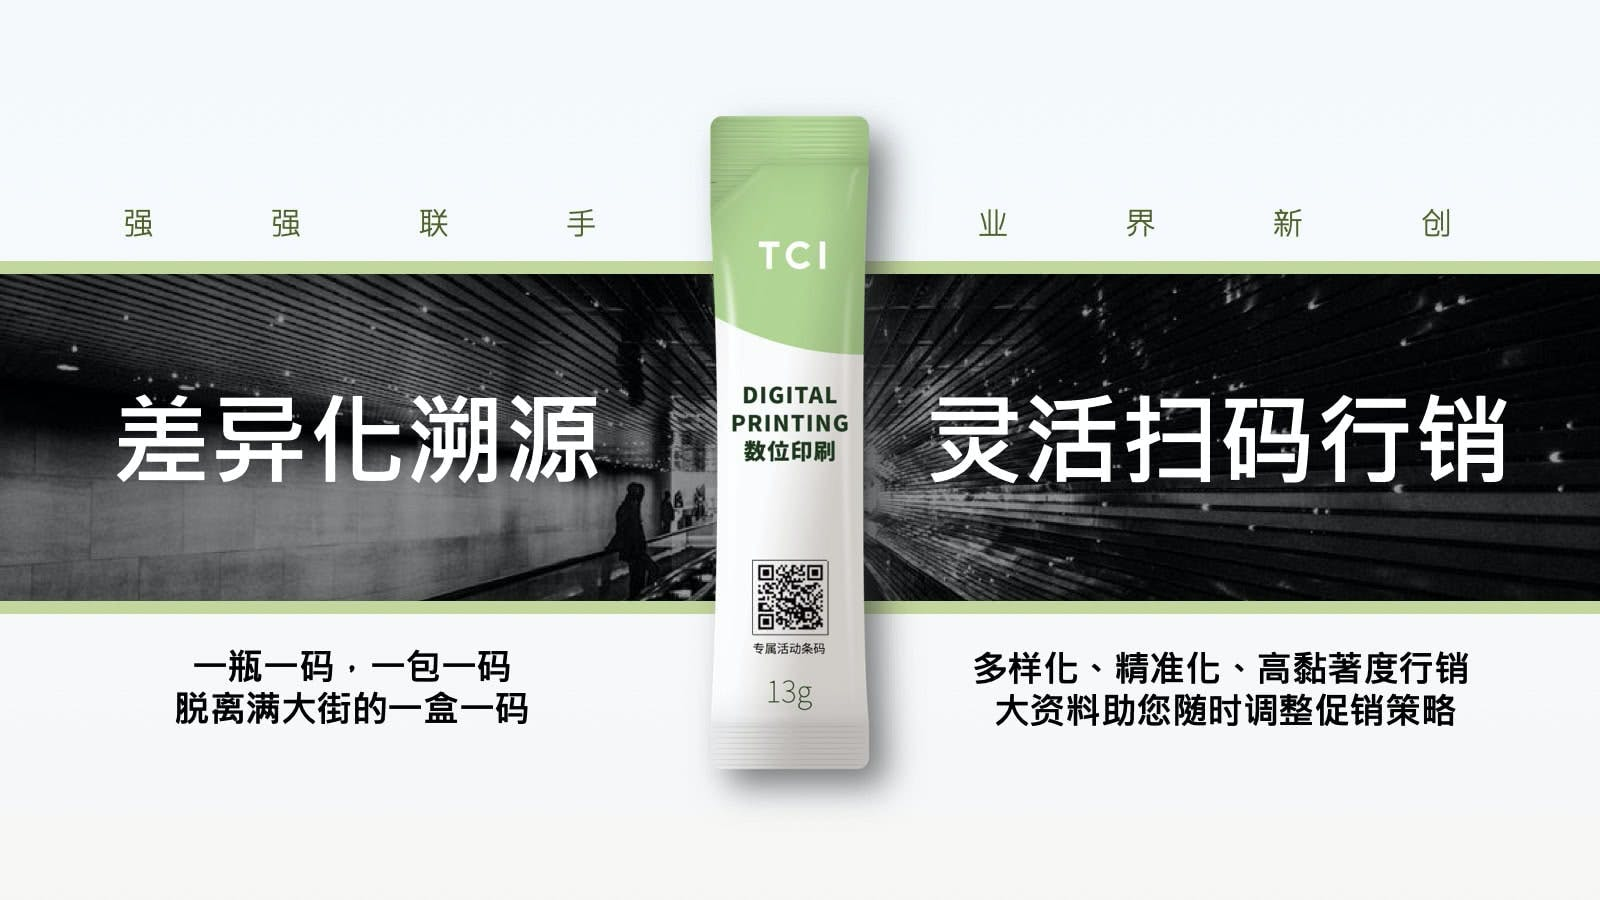 TCI 大江生医百岳特数位印刷